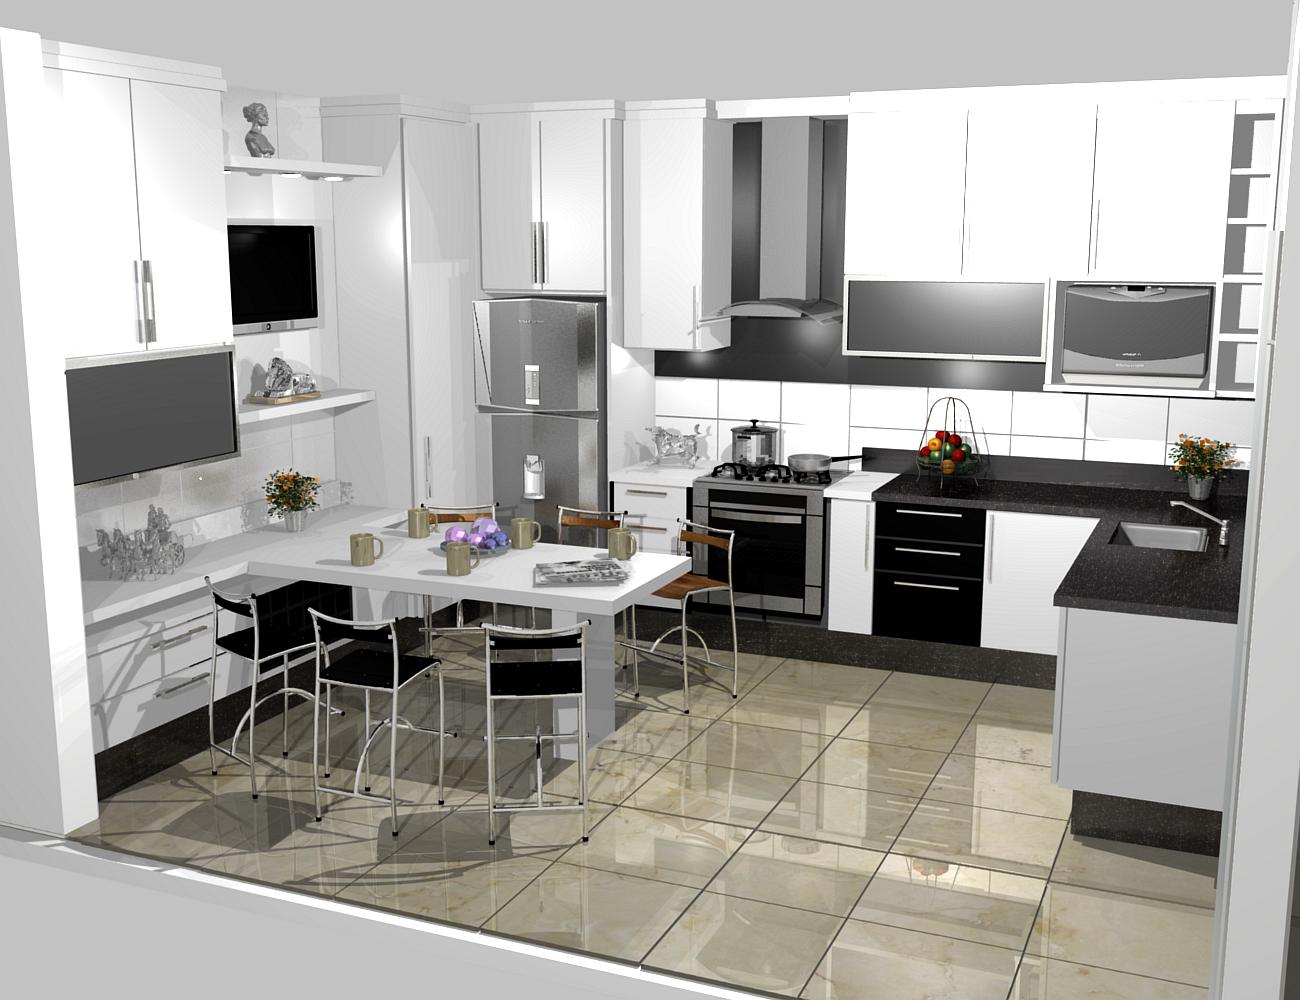 #6A4784  PROJETOS (11) 3976 8616: cozinha planejadas pequenas decorada 1300x1000 px Projetos De Cozinhas De Bares #503 imagens